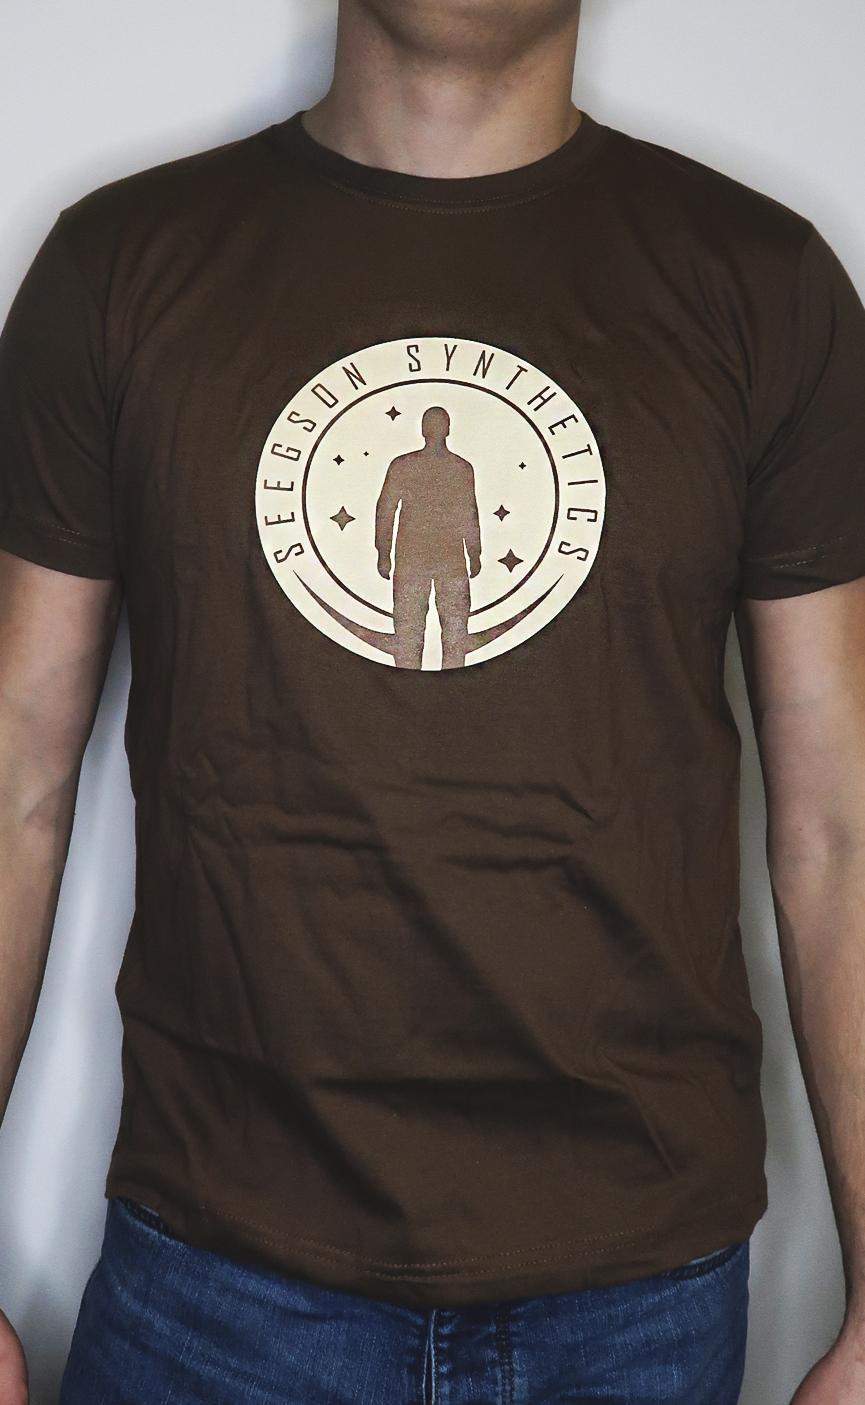 Koszulka Obcy: Izolacja rozmiar XL